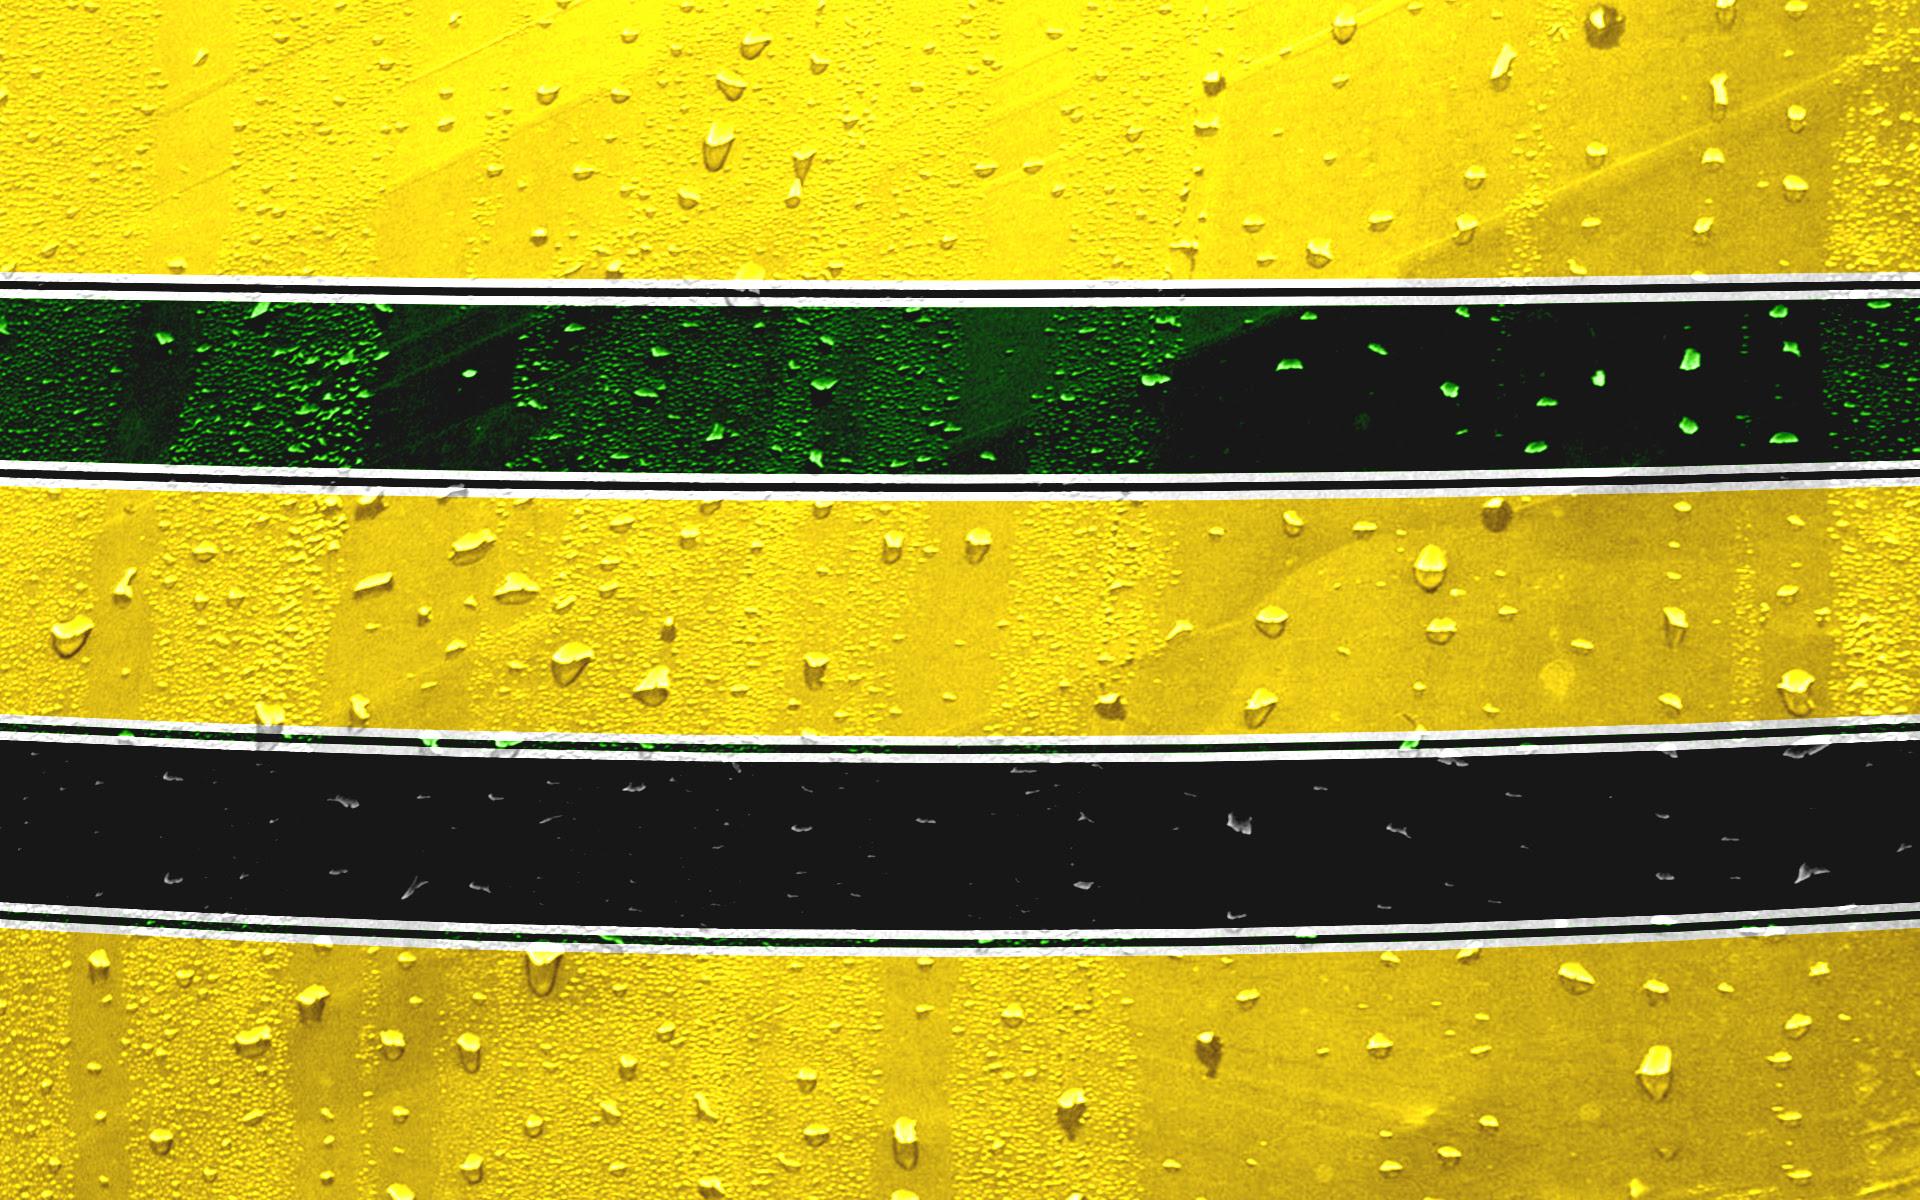 Senna Helmet - HD Wallpaper by